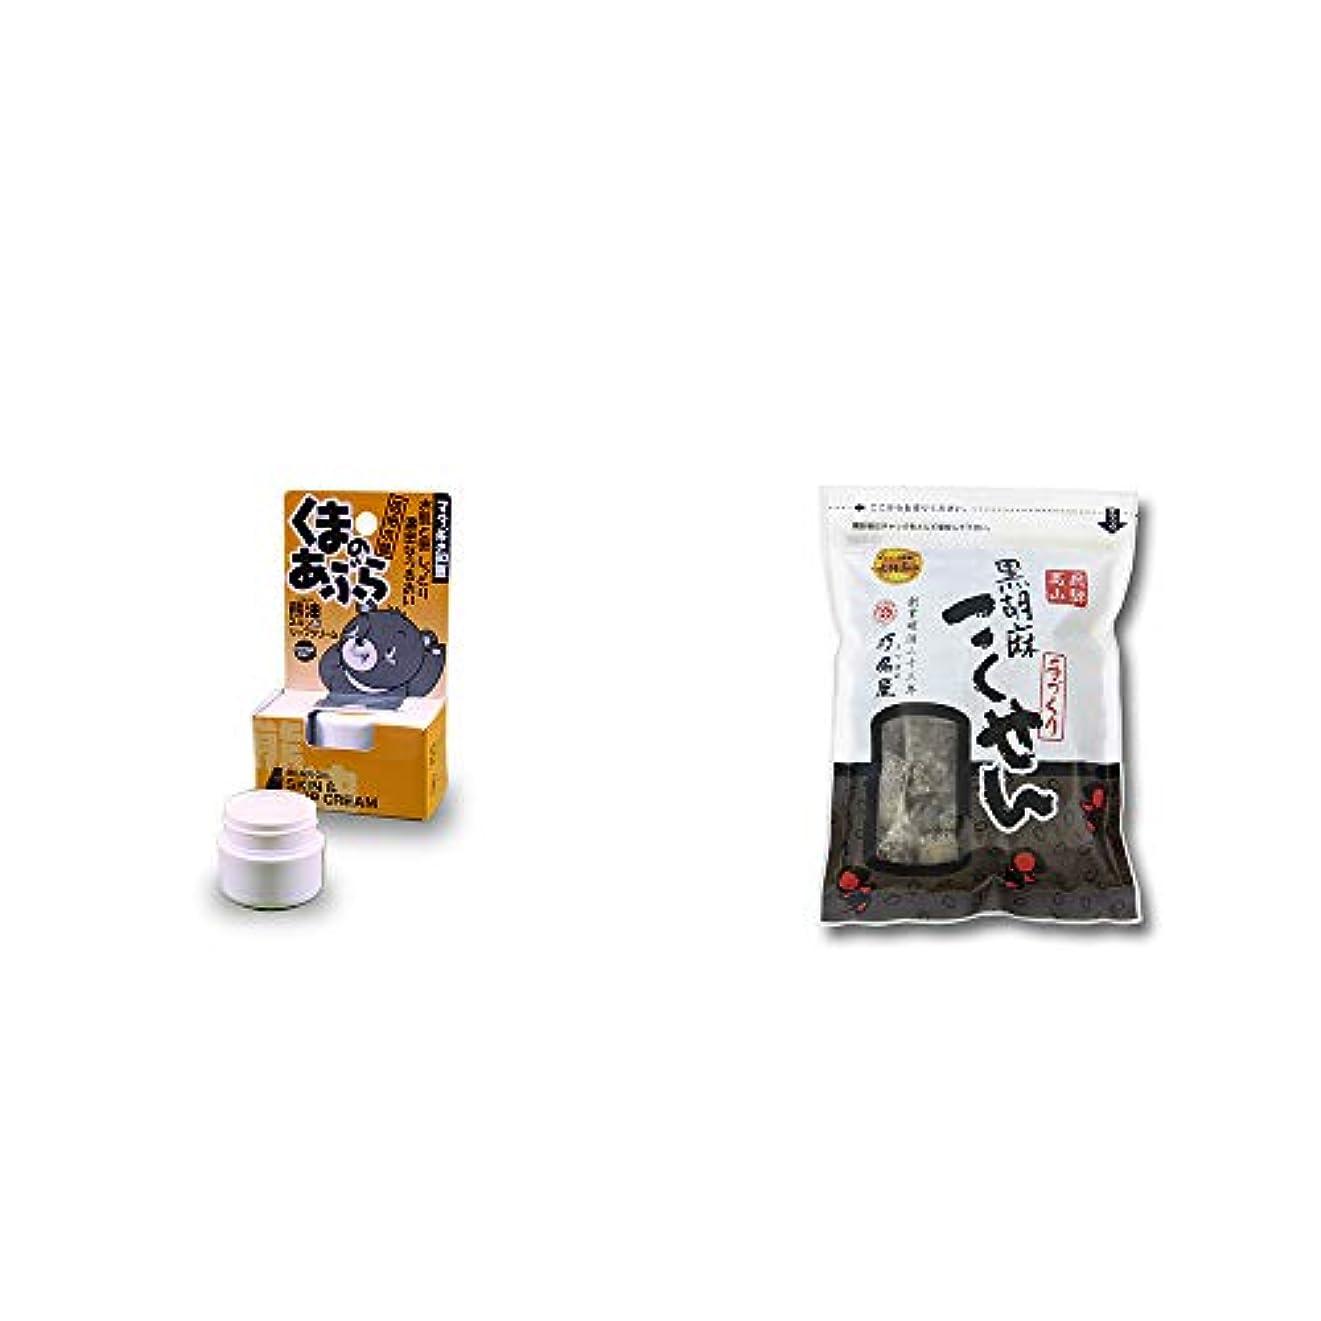 酸化する合法推論[2点セット] 信州木曽 くまのあぶら 熊油スキン&リップクリーム(9g)?飛騨 打保屋 駄菓子 げんこつきなこ(250g)